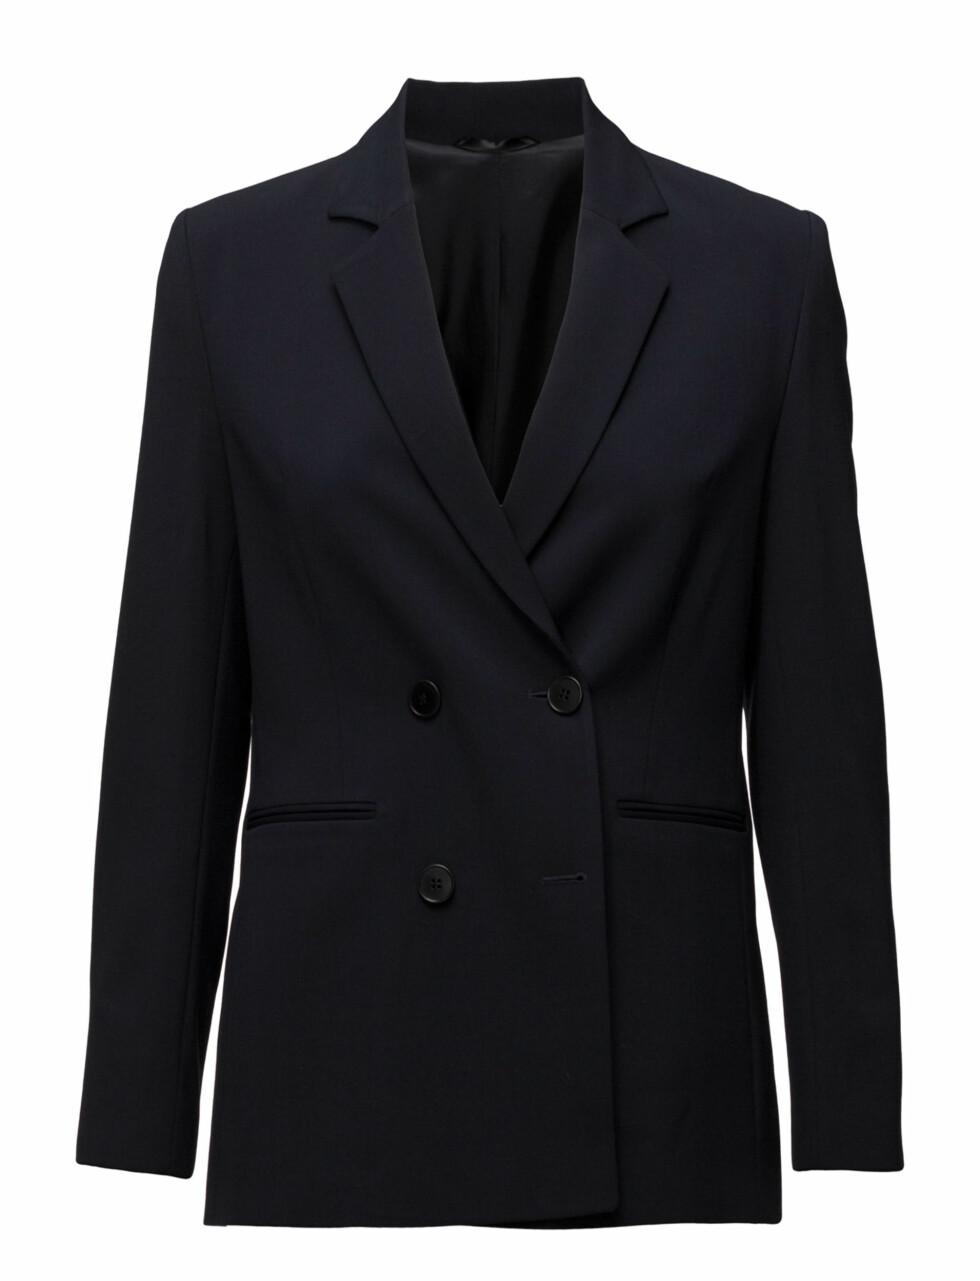 Blazer fra Filippa K |2275,-| https://www.boozt.com/no/no/filippa-k/caden-db-jacket_15682227/15682233?path=67363&navId=67363&sNavId=67450&group=listing&position=1000000